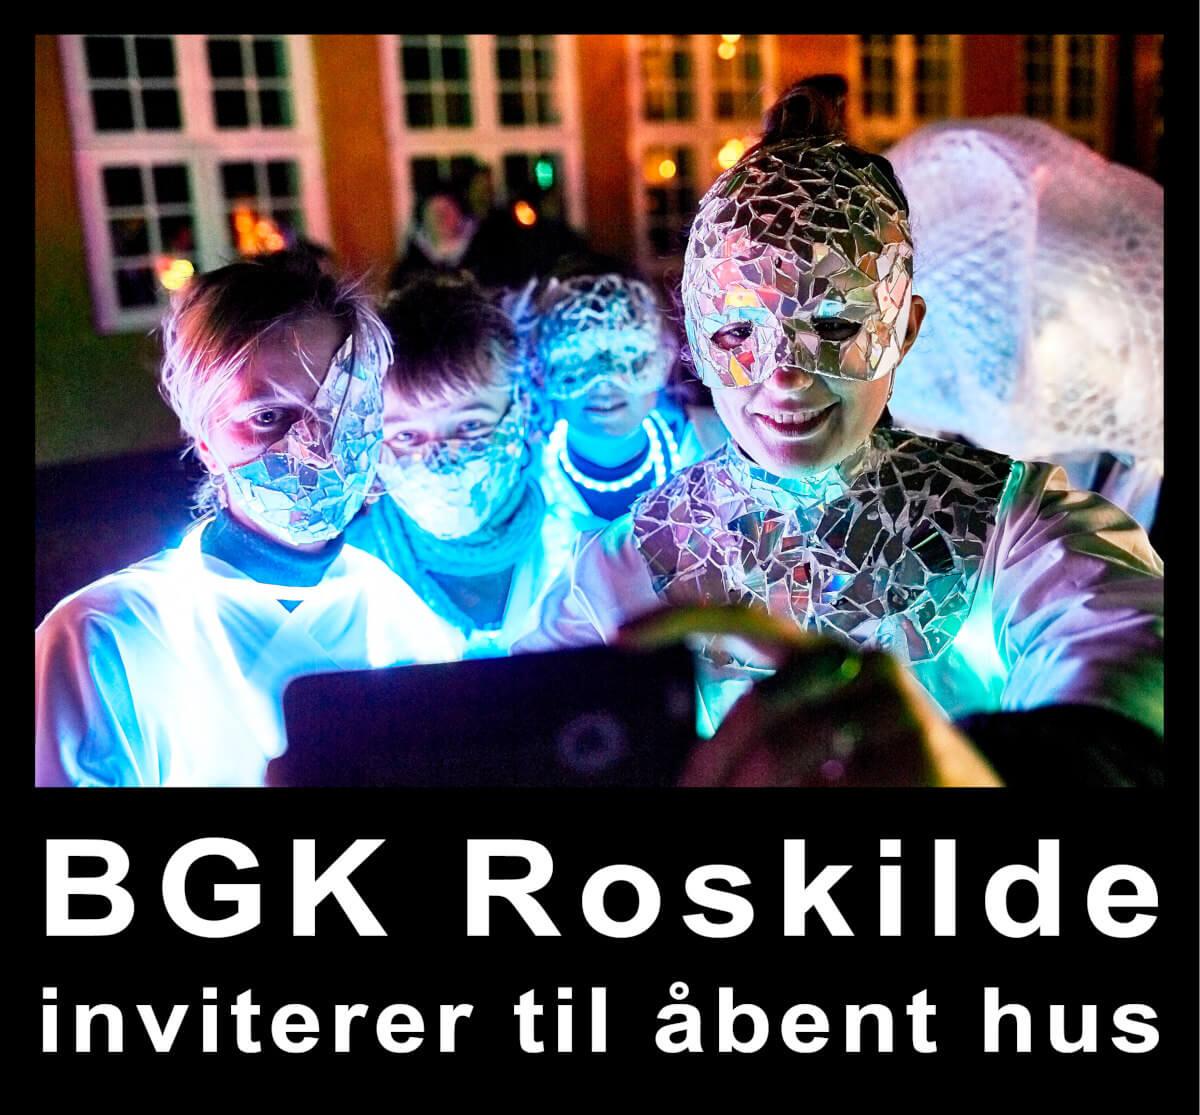 BGK Roskilde åbent hus 2020